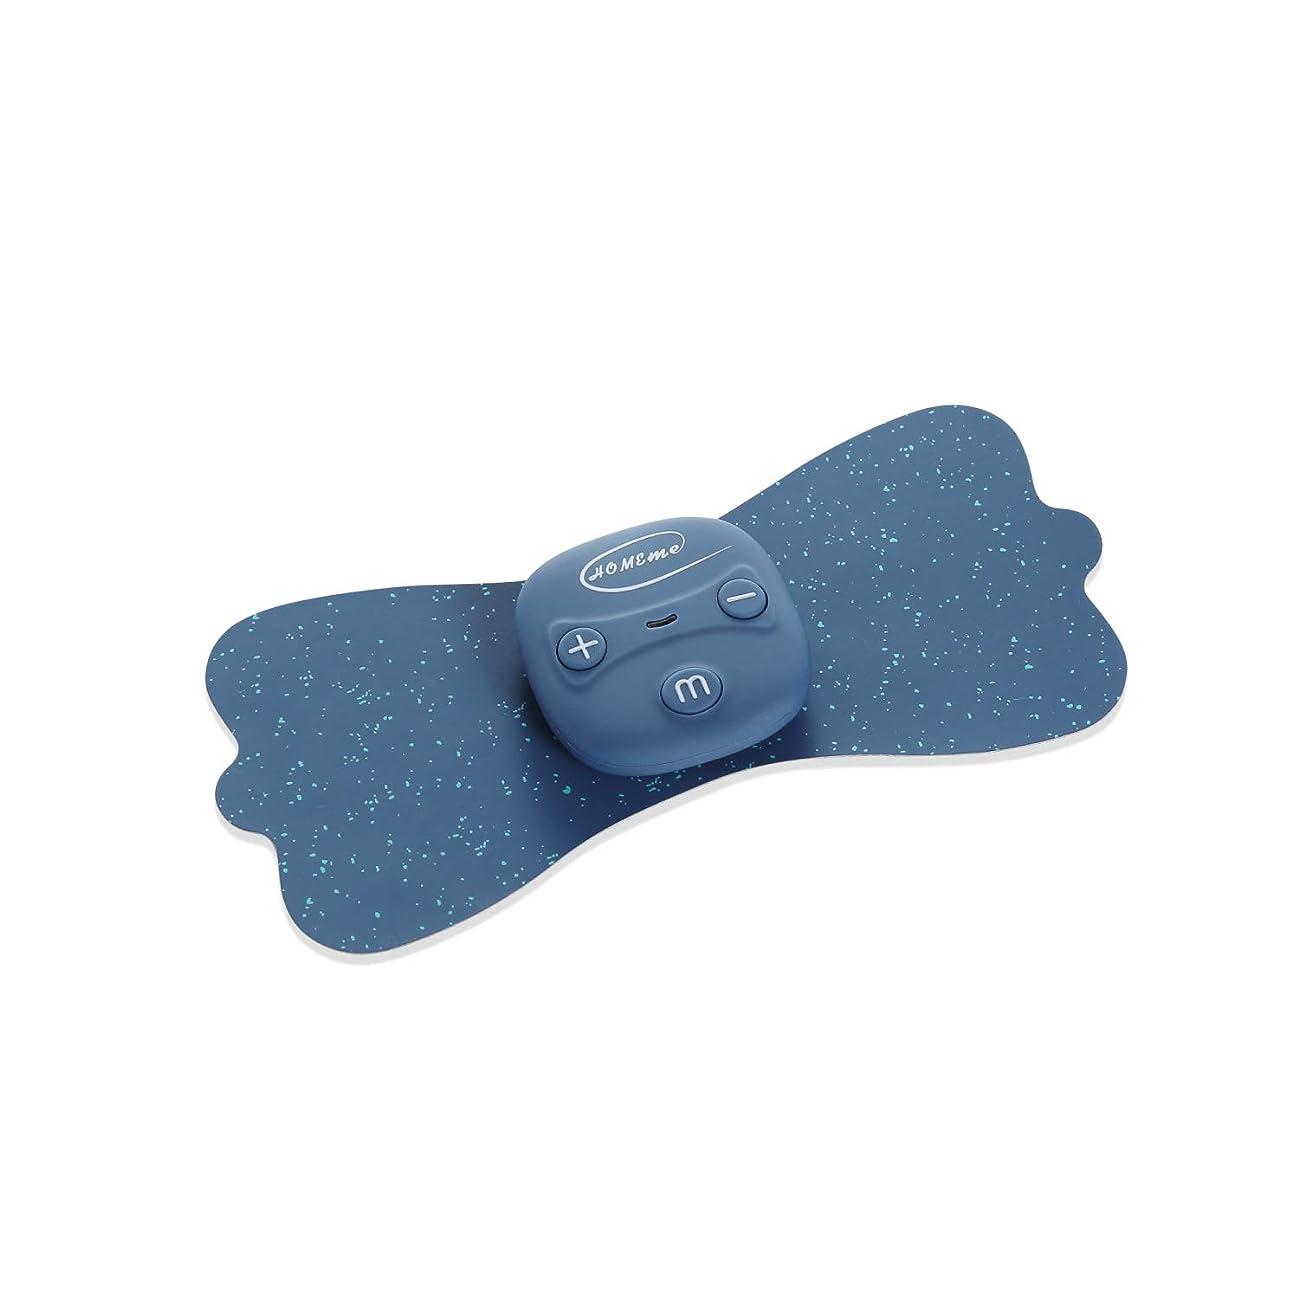 星エール相対サイズHOMEME 低周波マッサージパッド 2枚 EMSパッド 15段階調節 6つモード 腰マッサージ usb充電式 筋疲労回復 一年保証 首/肩/腰/背中/手/足向け